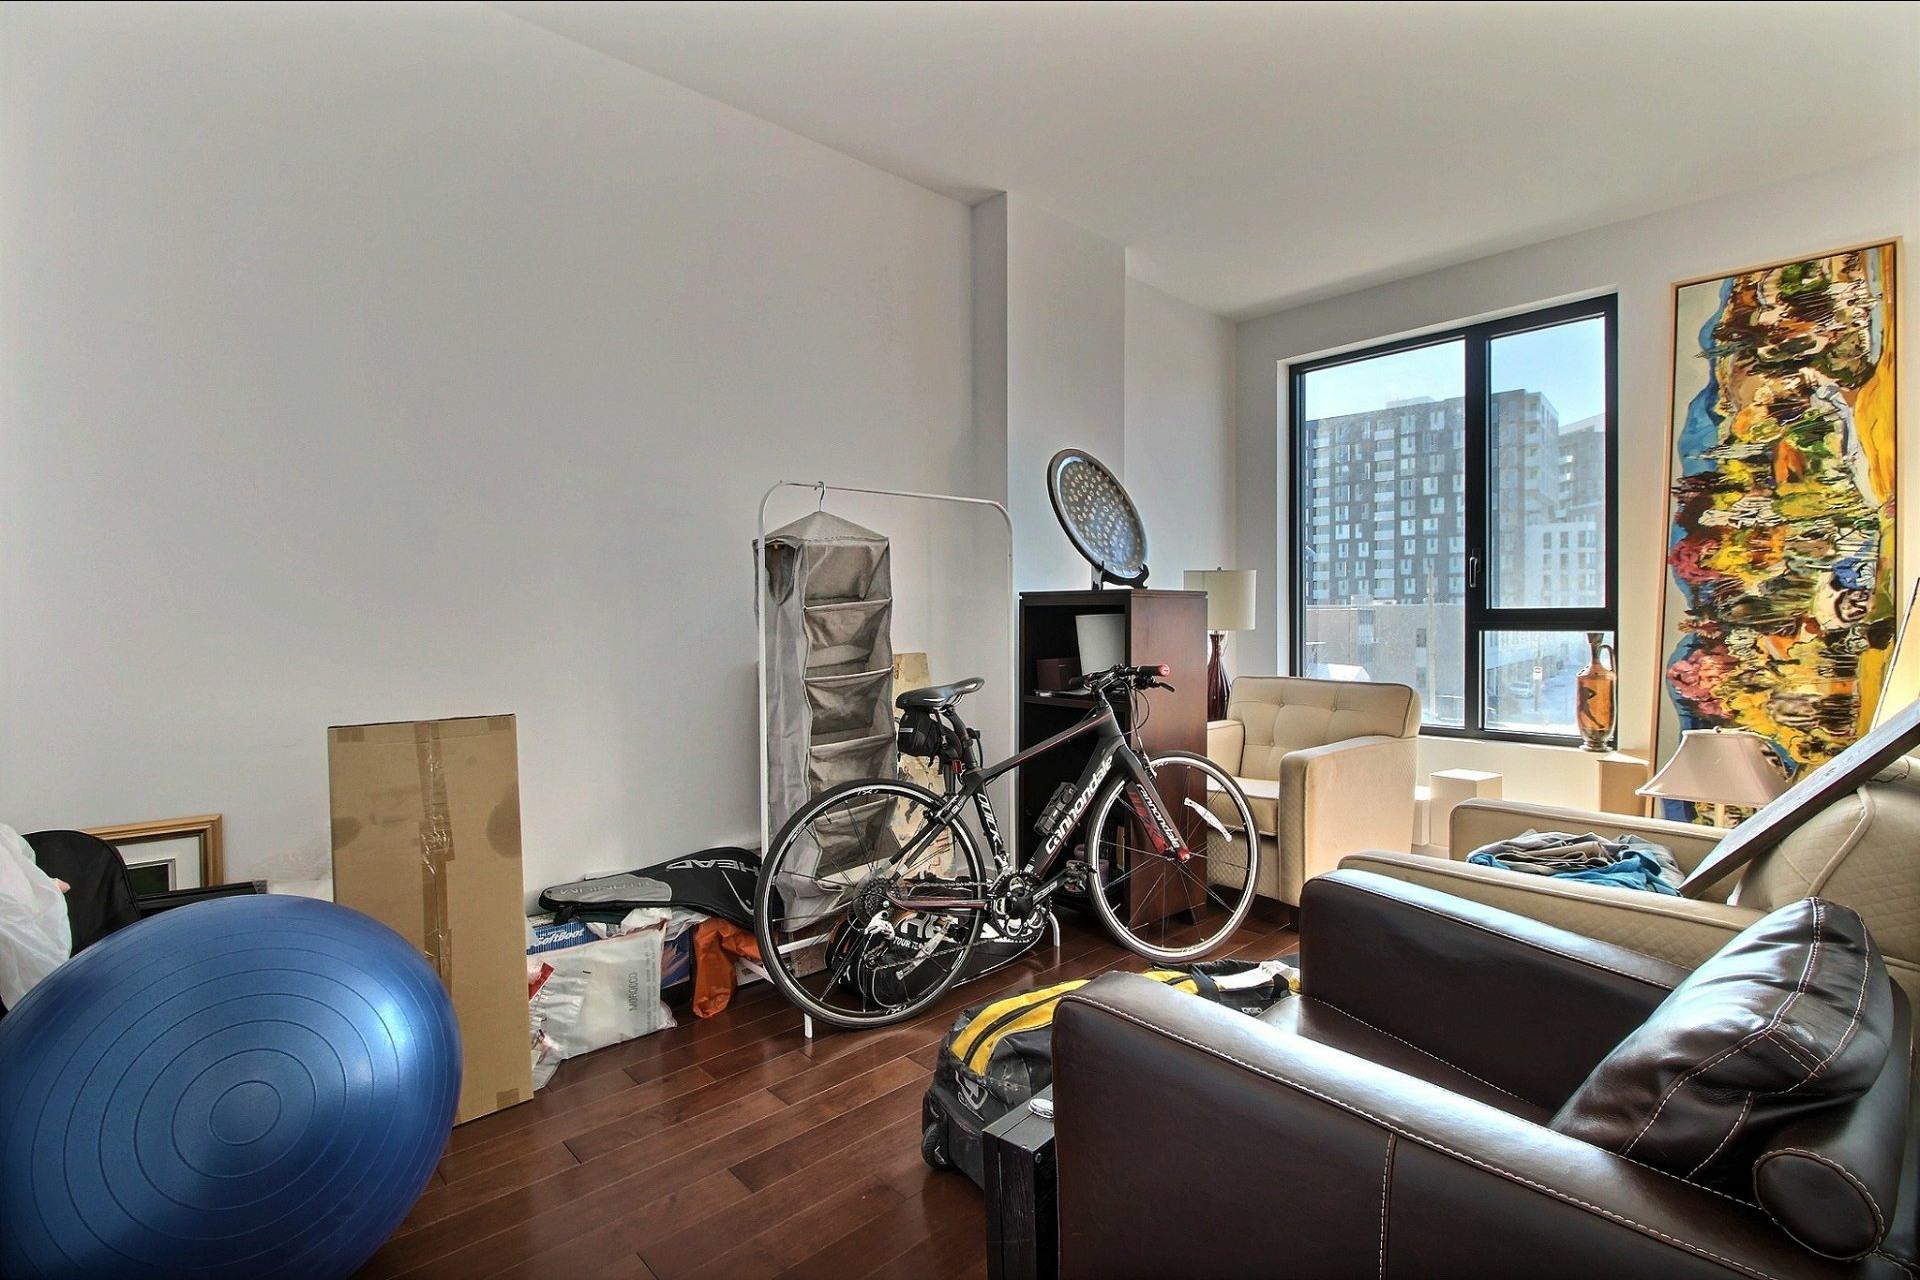 image 21 - Appartement À louer Côte-des-Neiges/Notre-Dame-de-Grâce Montréal  - 4 pièces